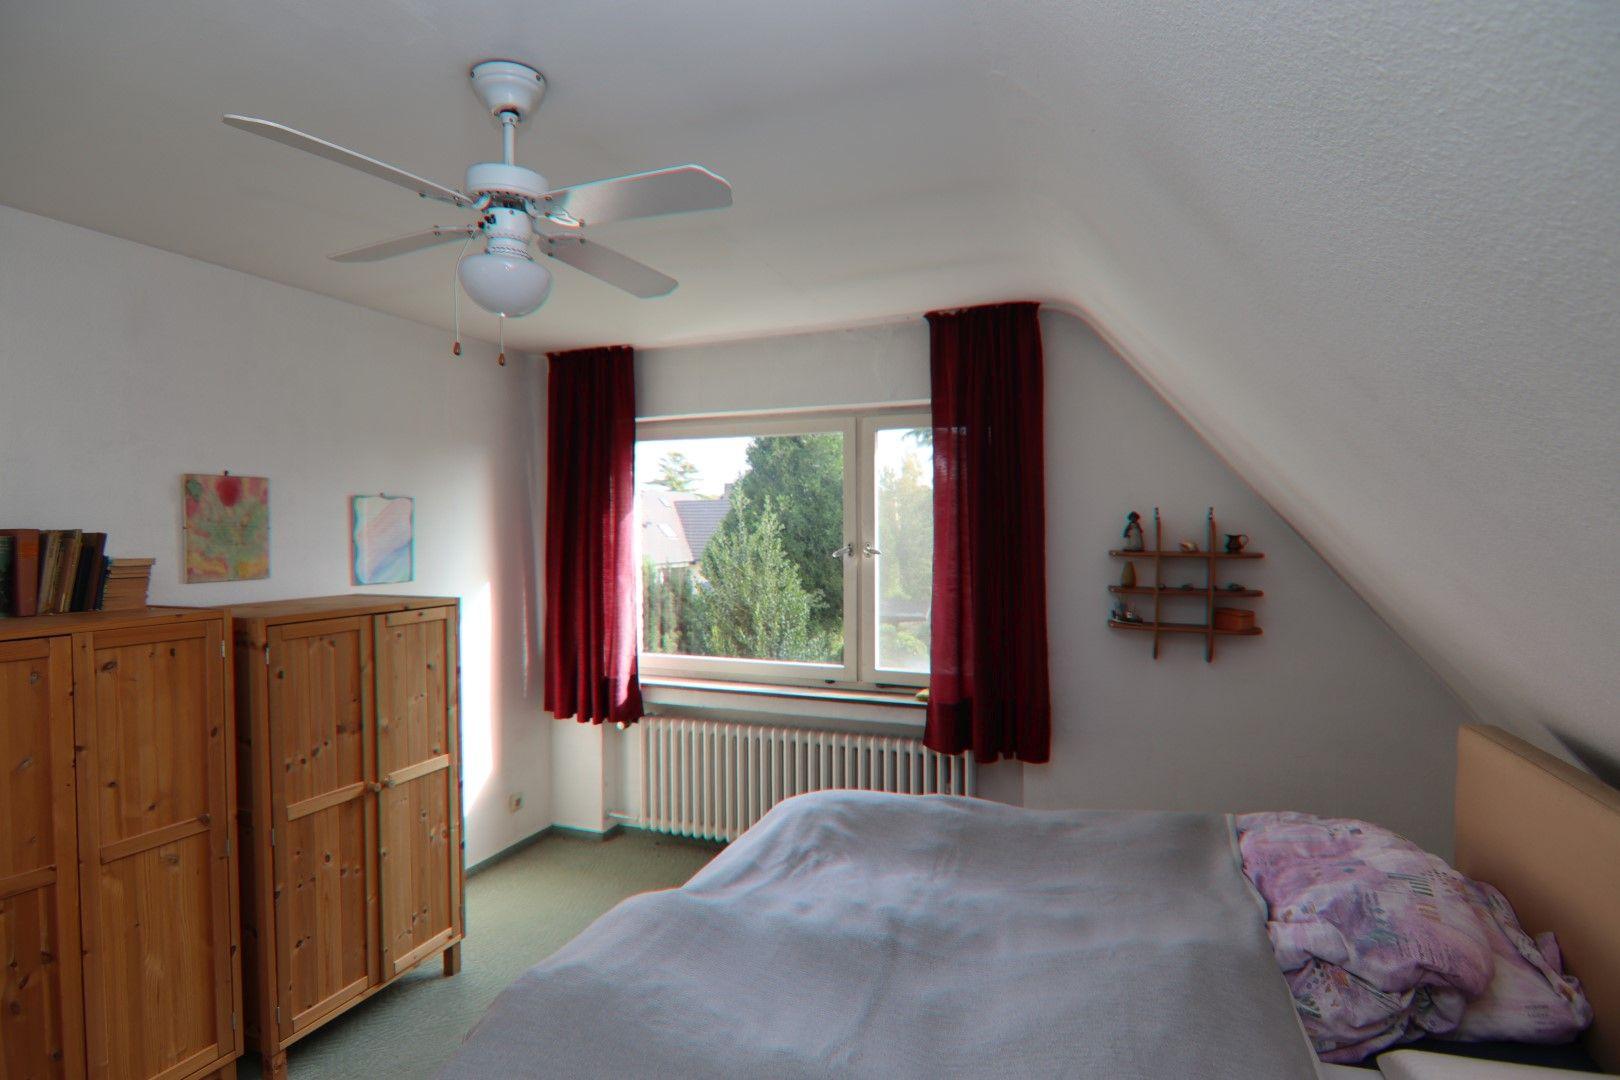 Immobilie Nr.0273 - Doppelhaushälfte in WEG mit Garten & Terrasse - Bild 12.jpg